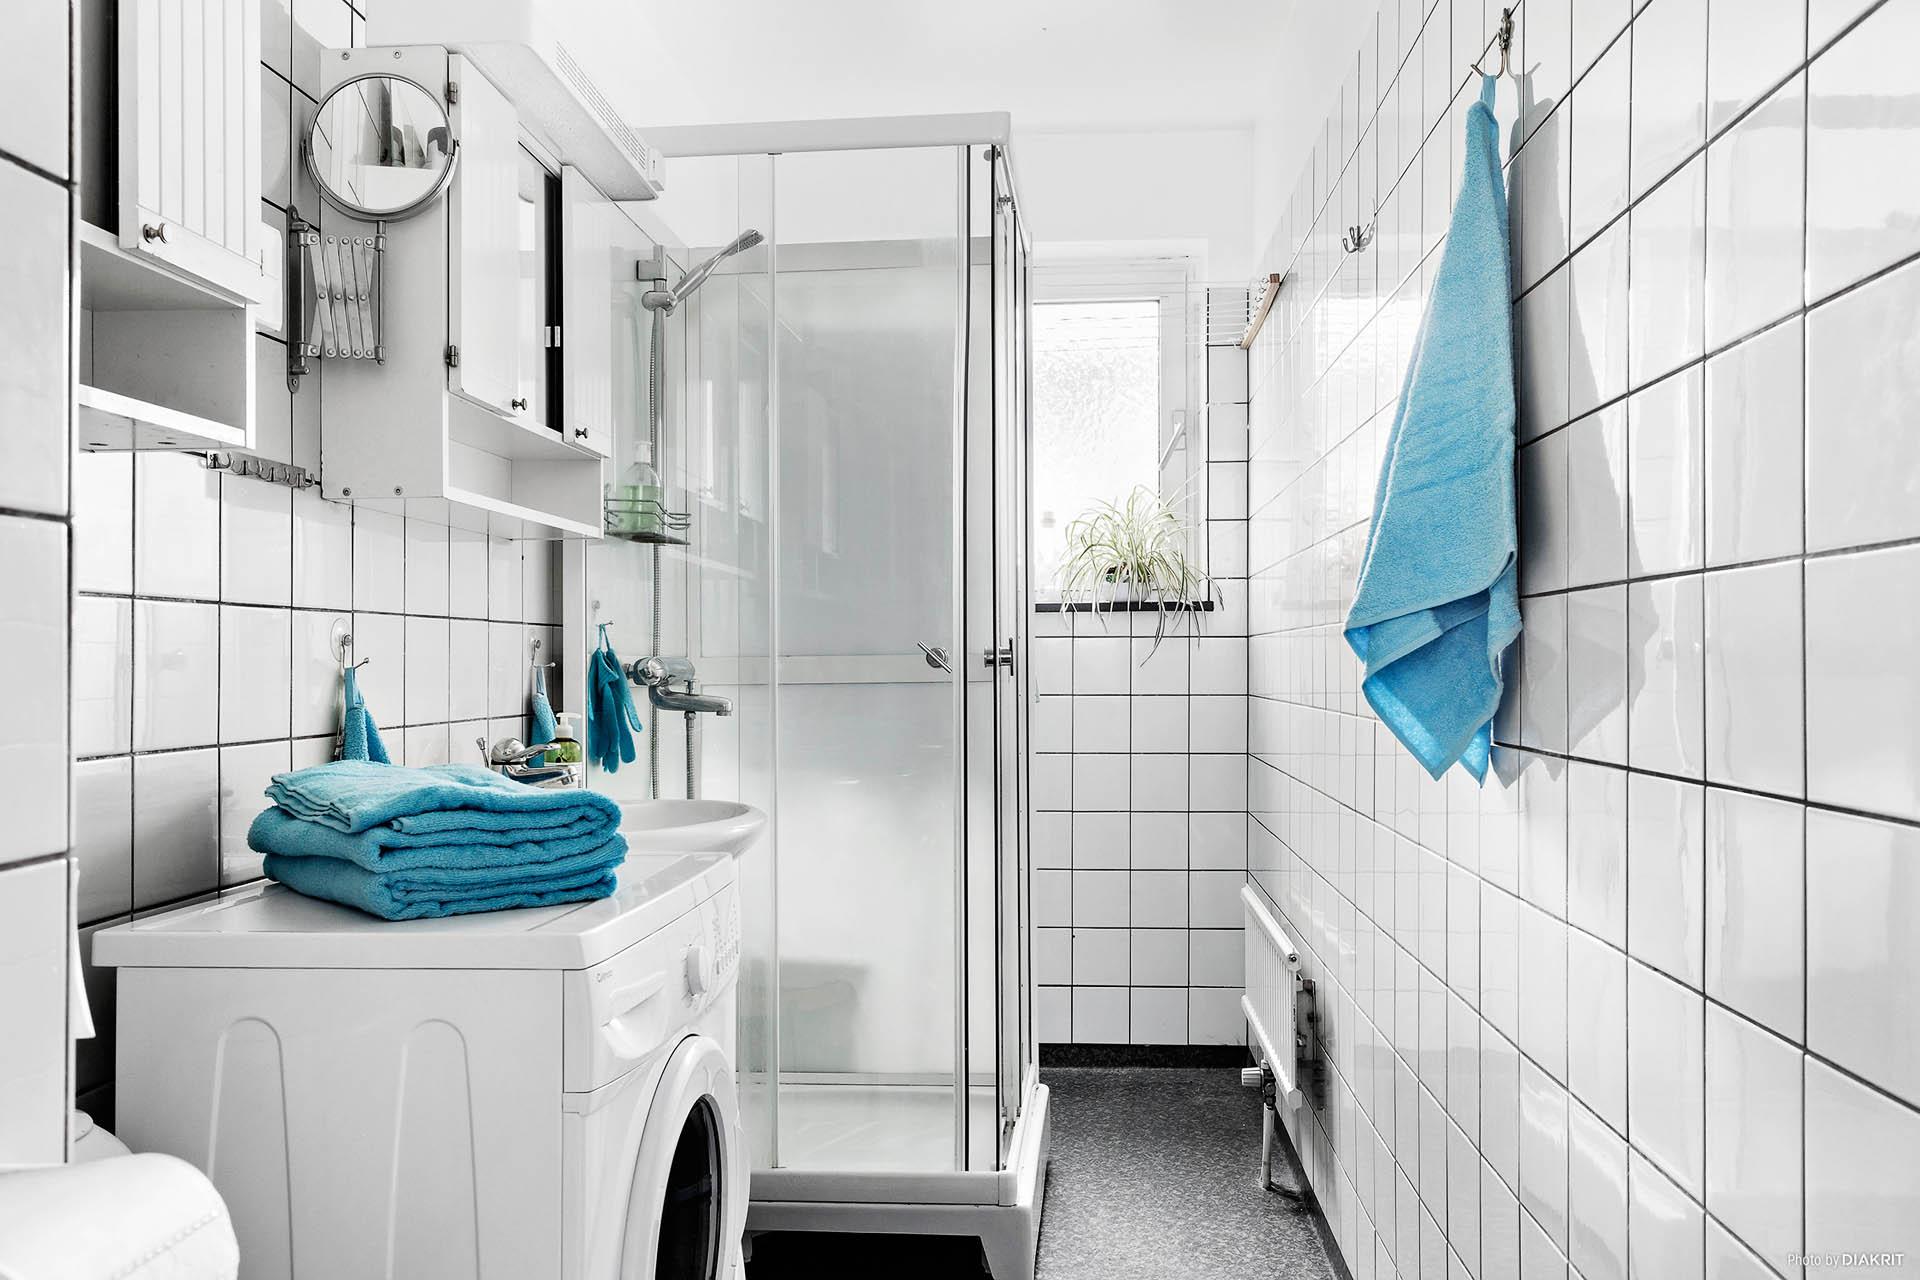 Halvkaklat duschrum med bra ljusinsläpp. Utrustat med tvättmaskin (2017), handfat, toalett och gott om förvaringsutrymme.